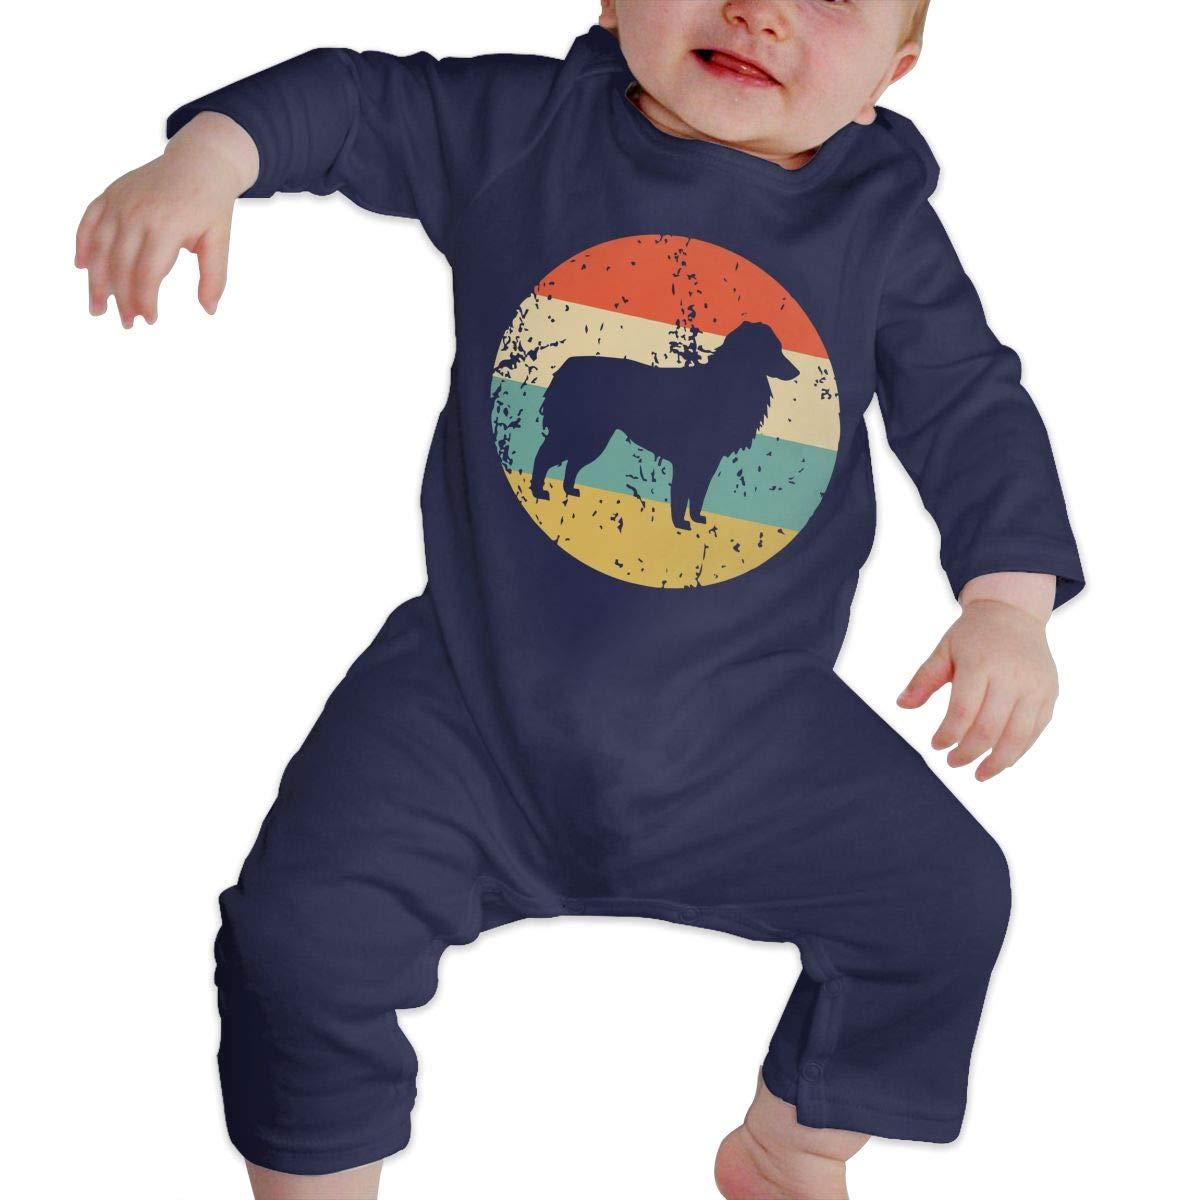 Mri-le1 Toddler Baby Boy Girl Long Sleeved Coveralls Retro Australian Shepherd Baby Rompers